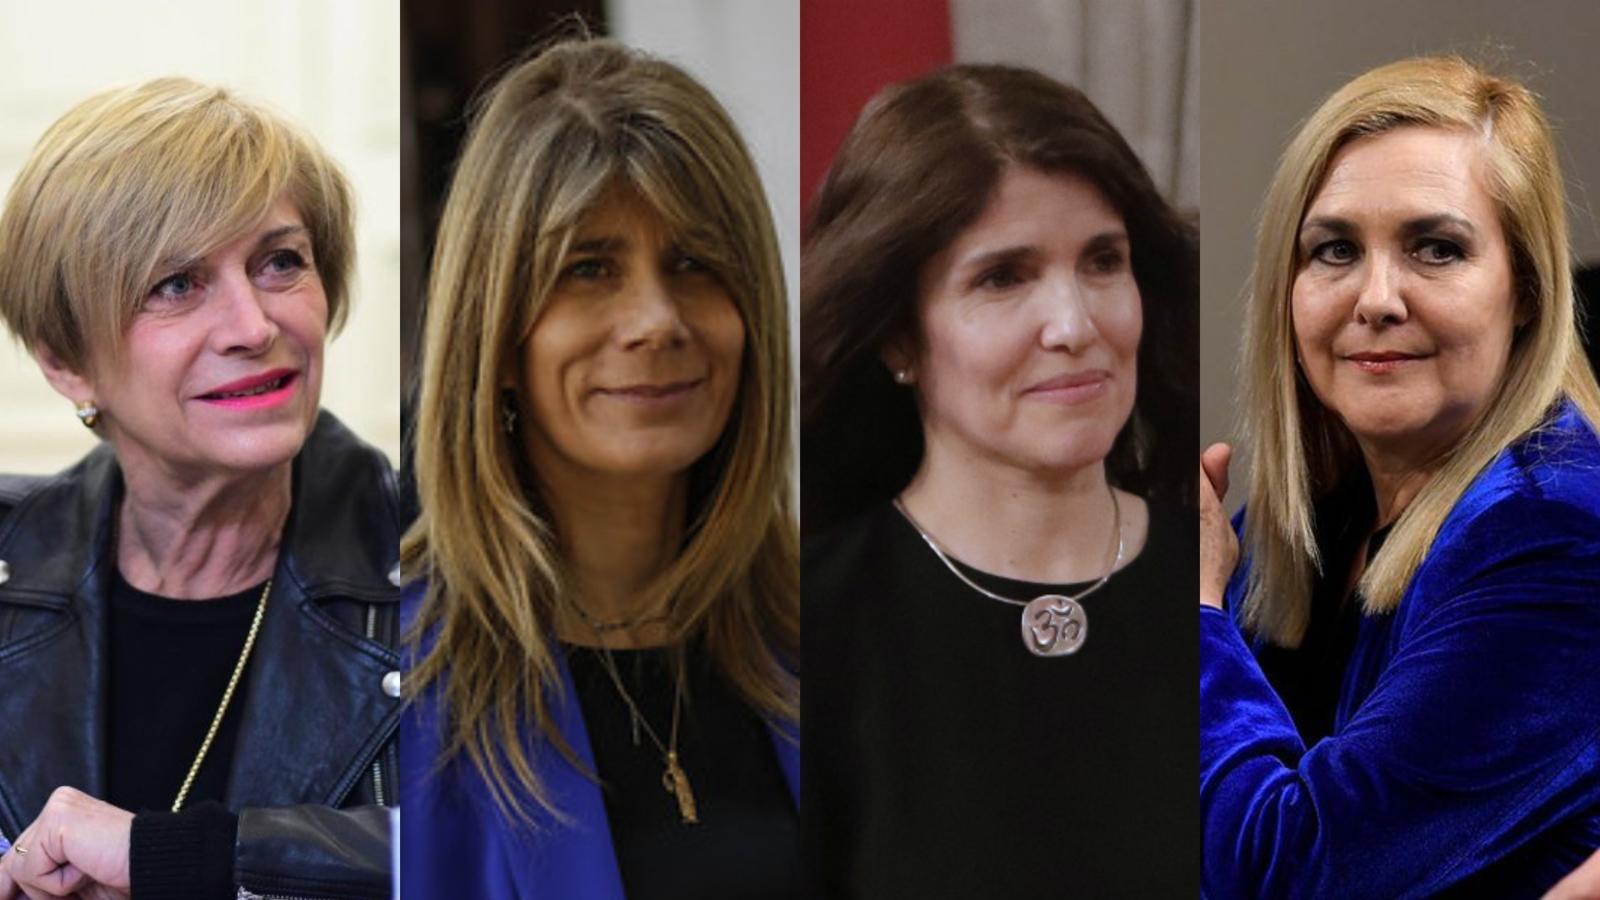 Chile: Estas son las cuatro mujeres que lideran las intenciones de voto ante una eventual primaria presidencial